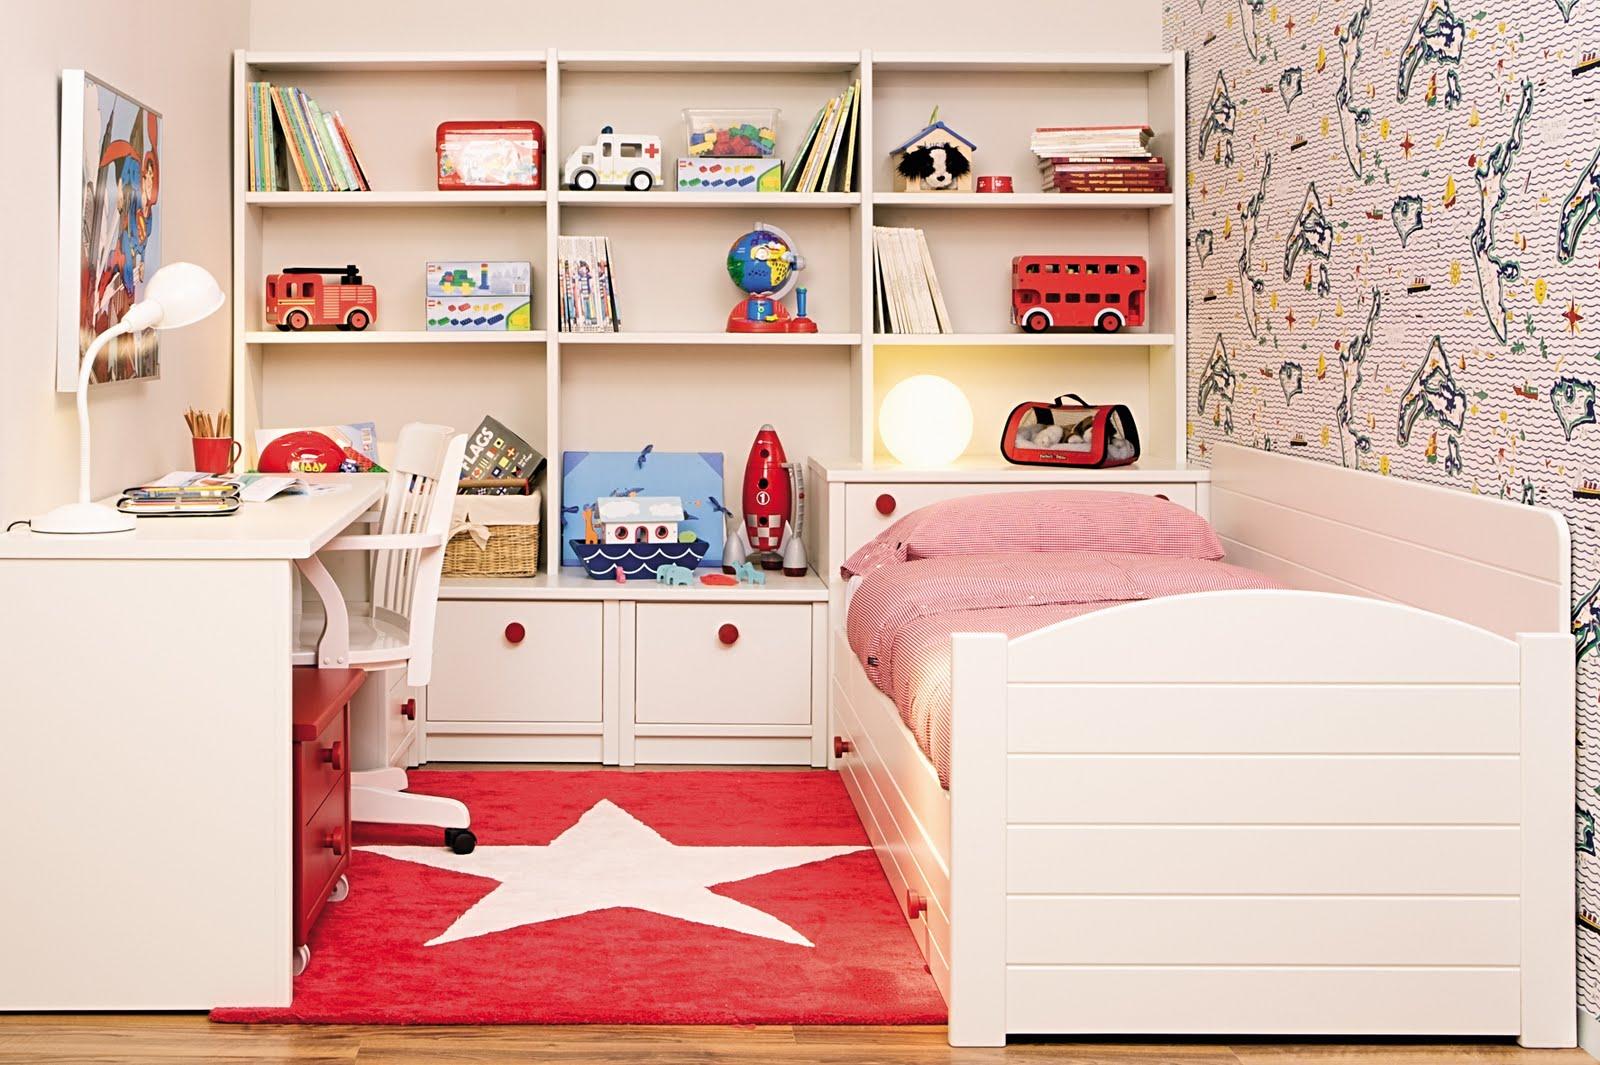 Dormitorios mediterraneo asoral - Dormitorios infantiles madrid ...